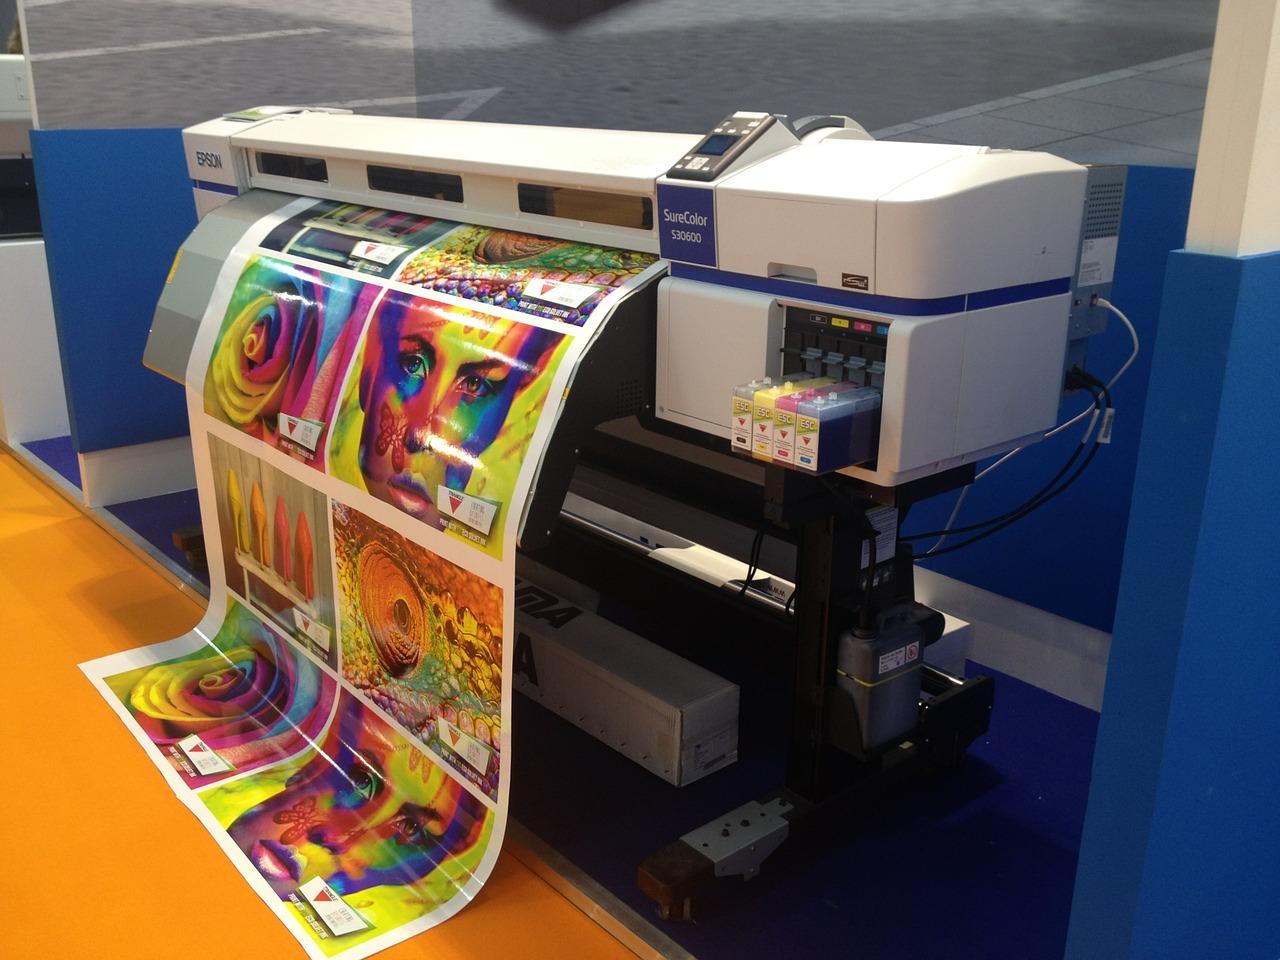 machine-585262_1280